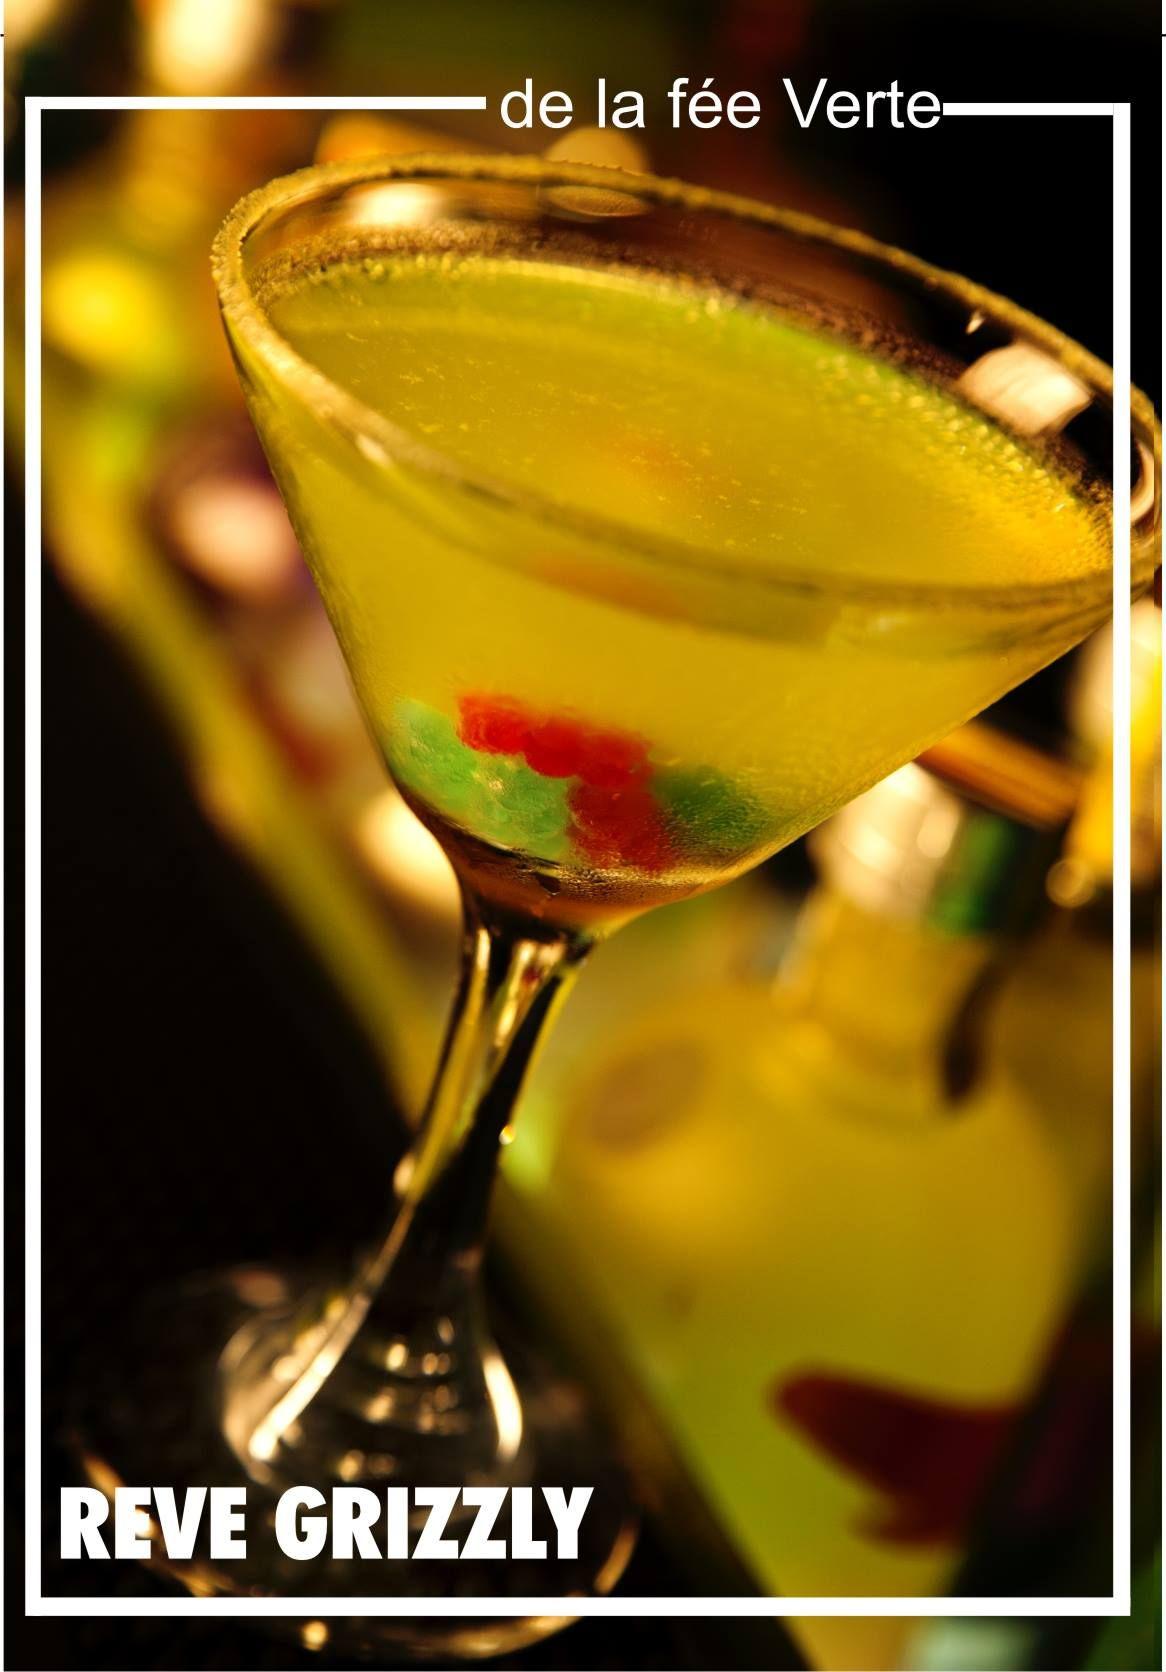 Nada Mejor Que Un Reve Grizzly Cocktail Una Deliciosa Combinacion